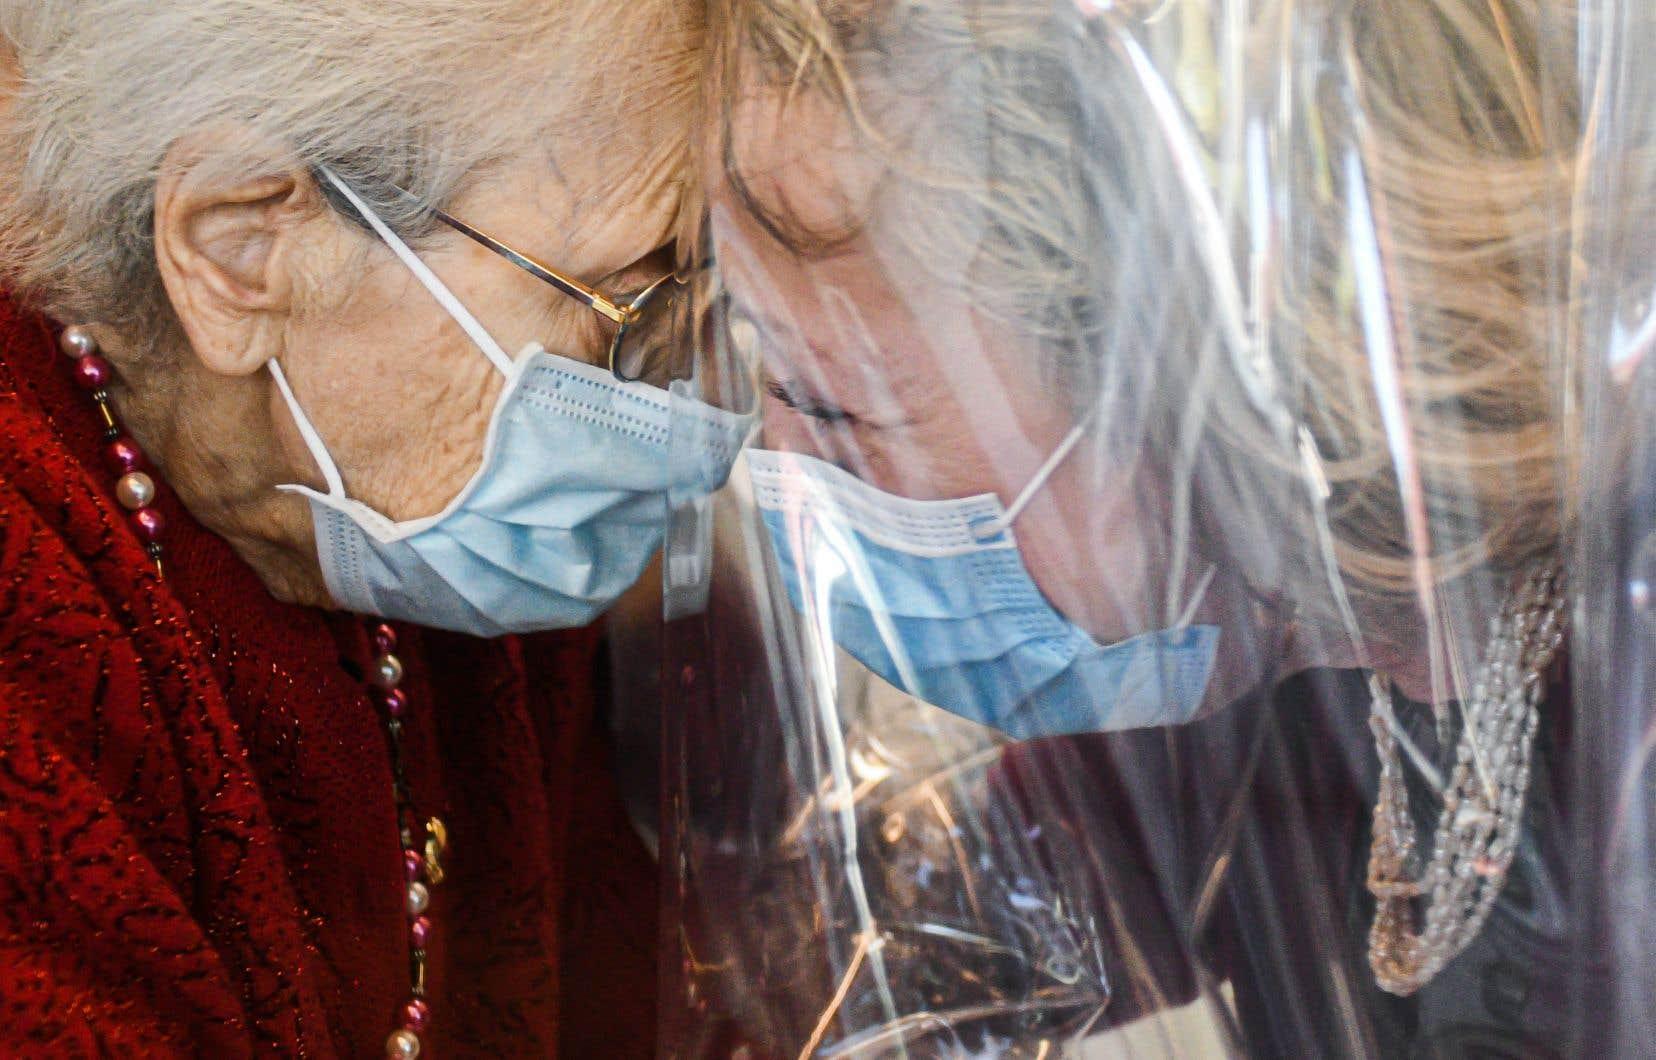 En novembre dernier, une résidente recevait la visite de sa fille dans la «chambre à câlins» d'un centre pour personnes âgées à Castelfranco Veneto, en Italie. Grâce à l'utilisation d'une bâche en plastique transparente, les résidents peuvent étreindre leurs proches en toute sécurité.